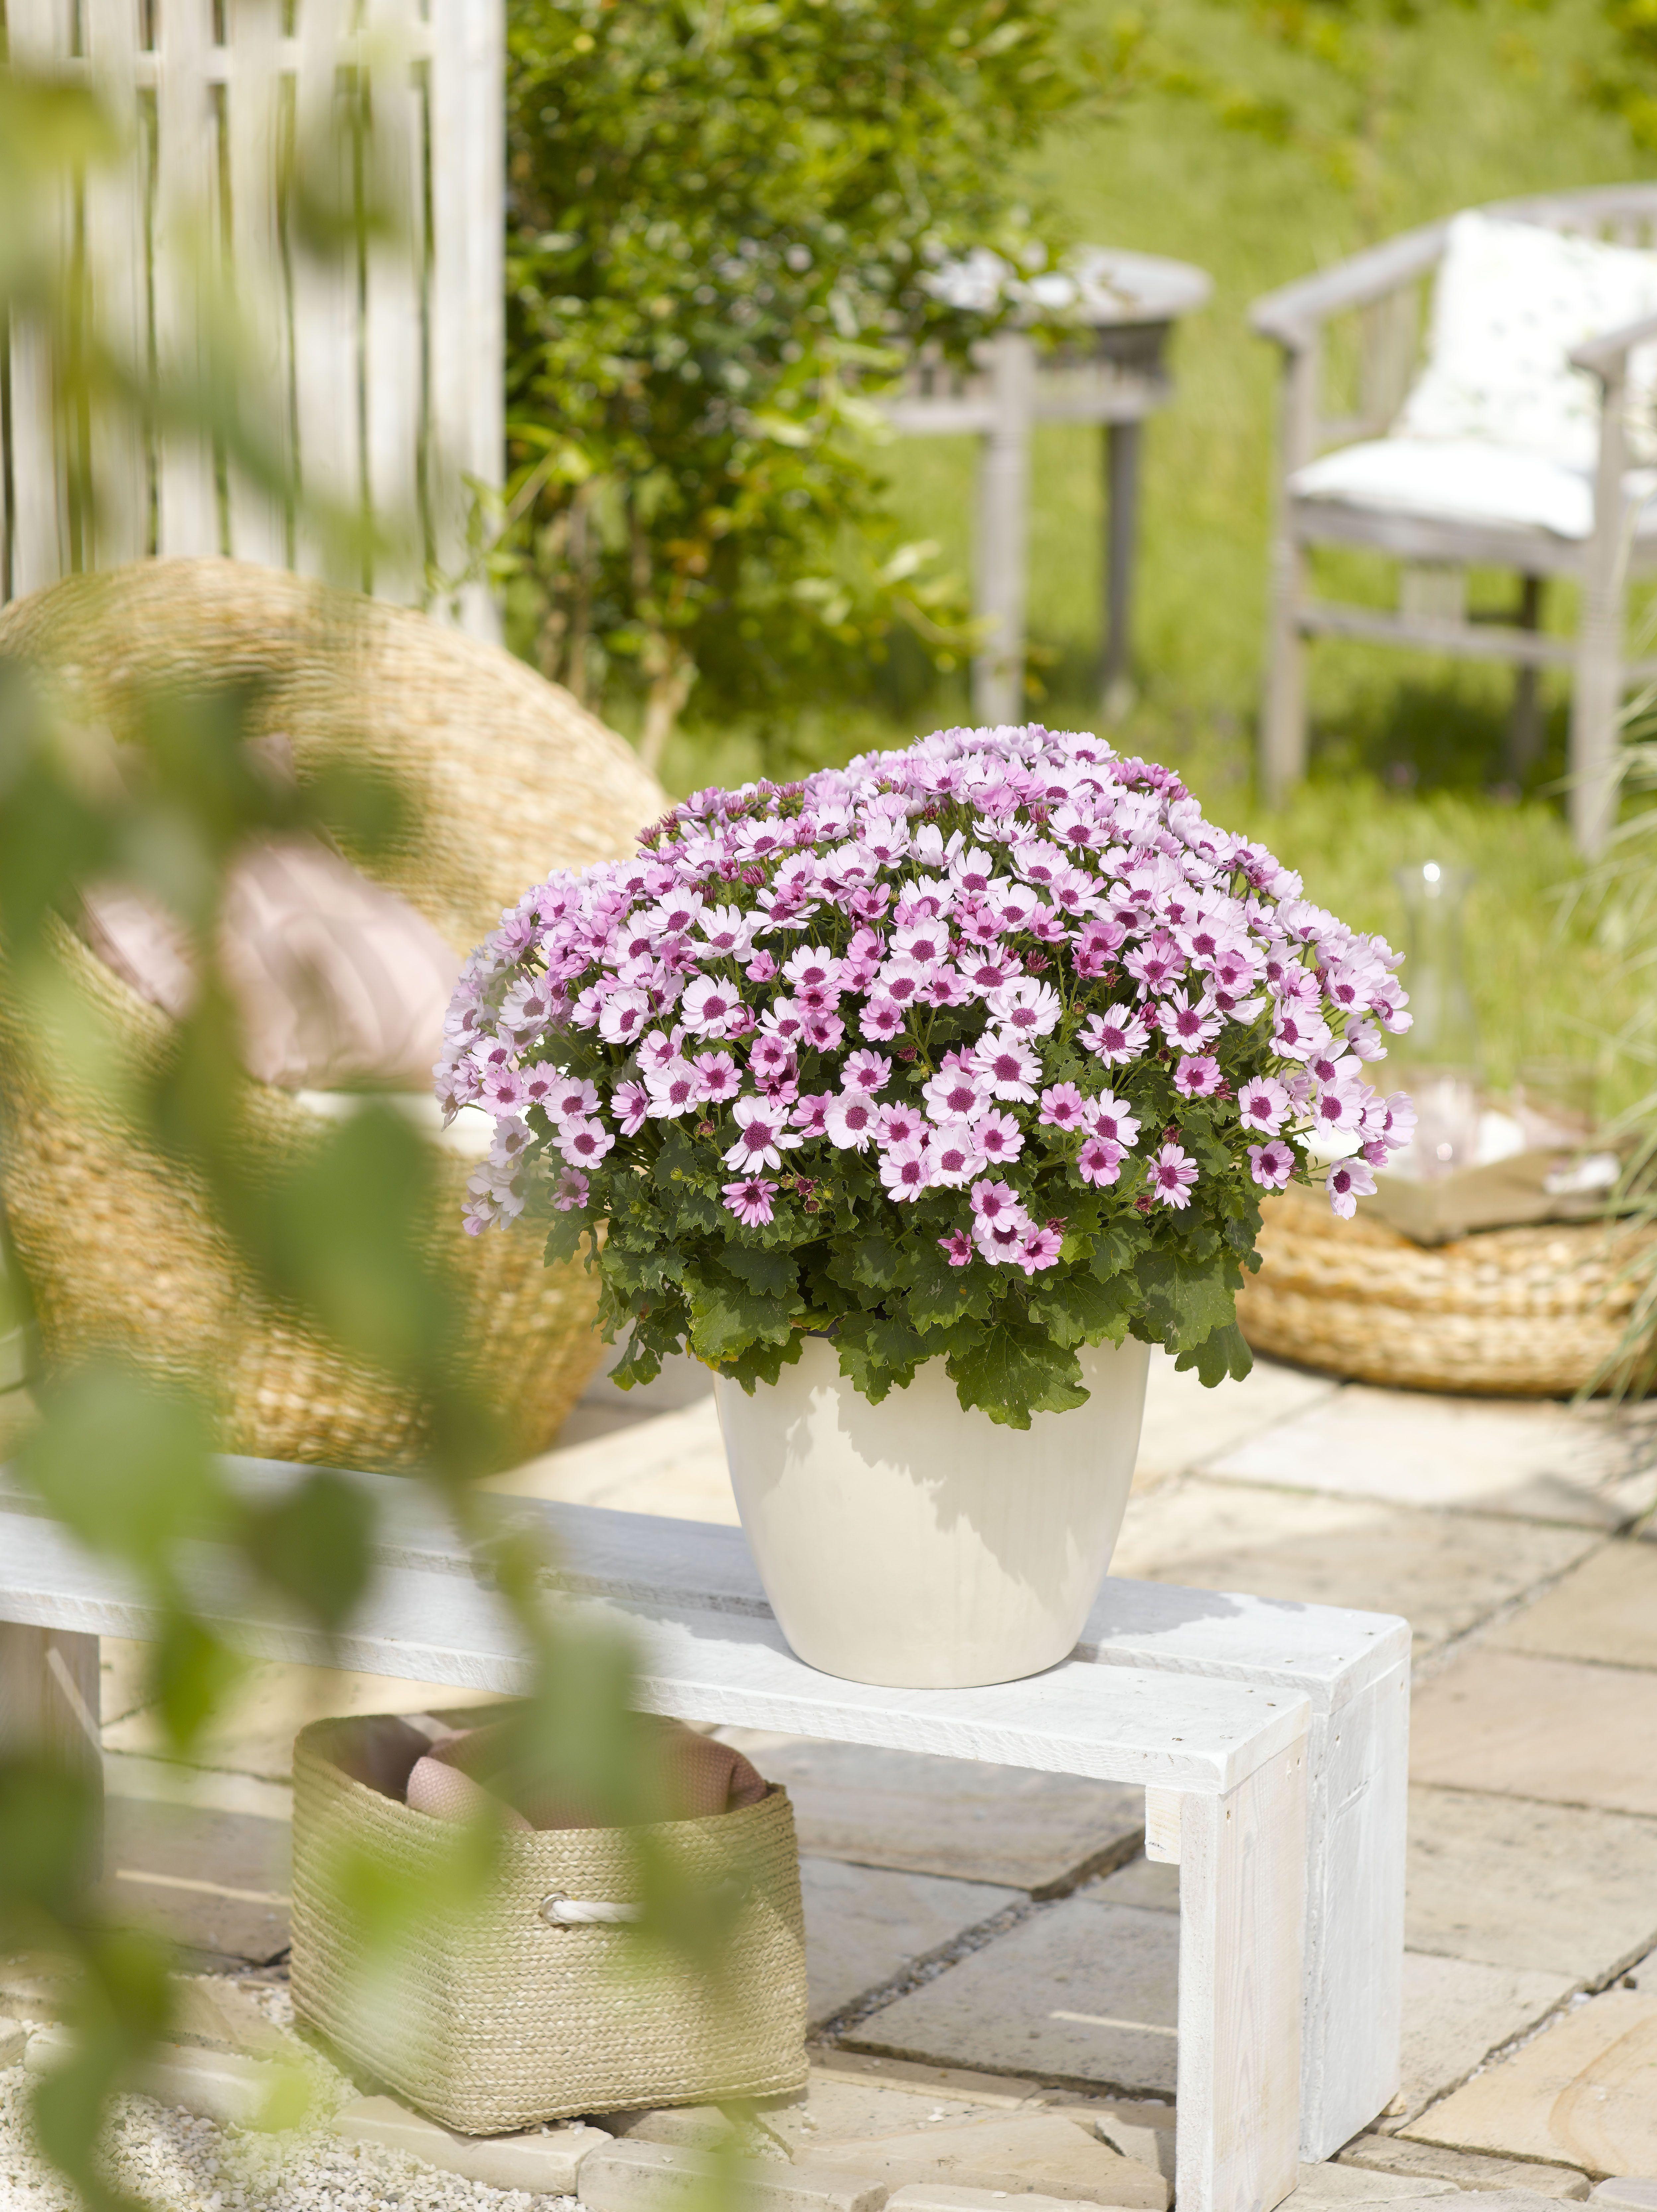 den teneriffa stern todaisy gibt es bei obi in vielen kr ftigen farben pink lila rosa und. Black Bedroom Furniture Sets. Home Design Ideas